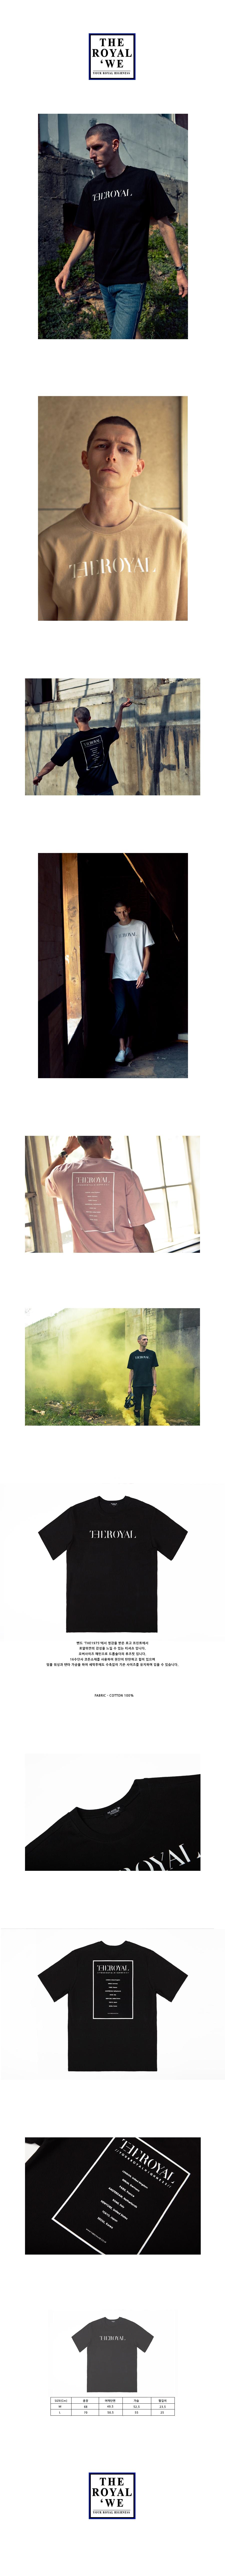 로얄위(THE ROYAL 'WE) 로얄투어 티셔츠 블랙